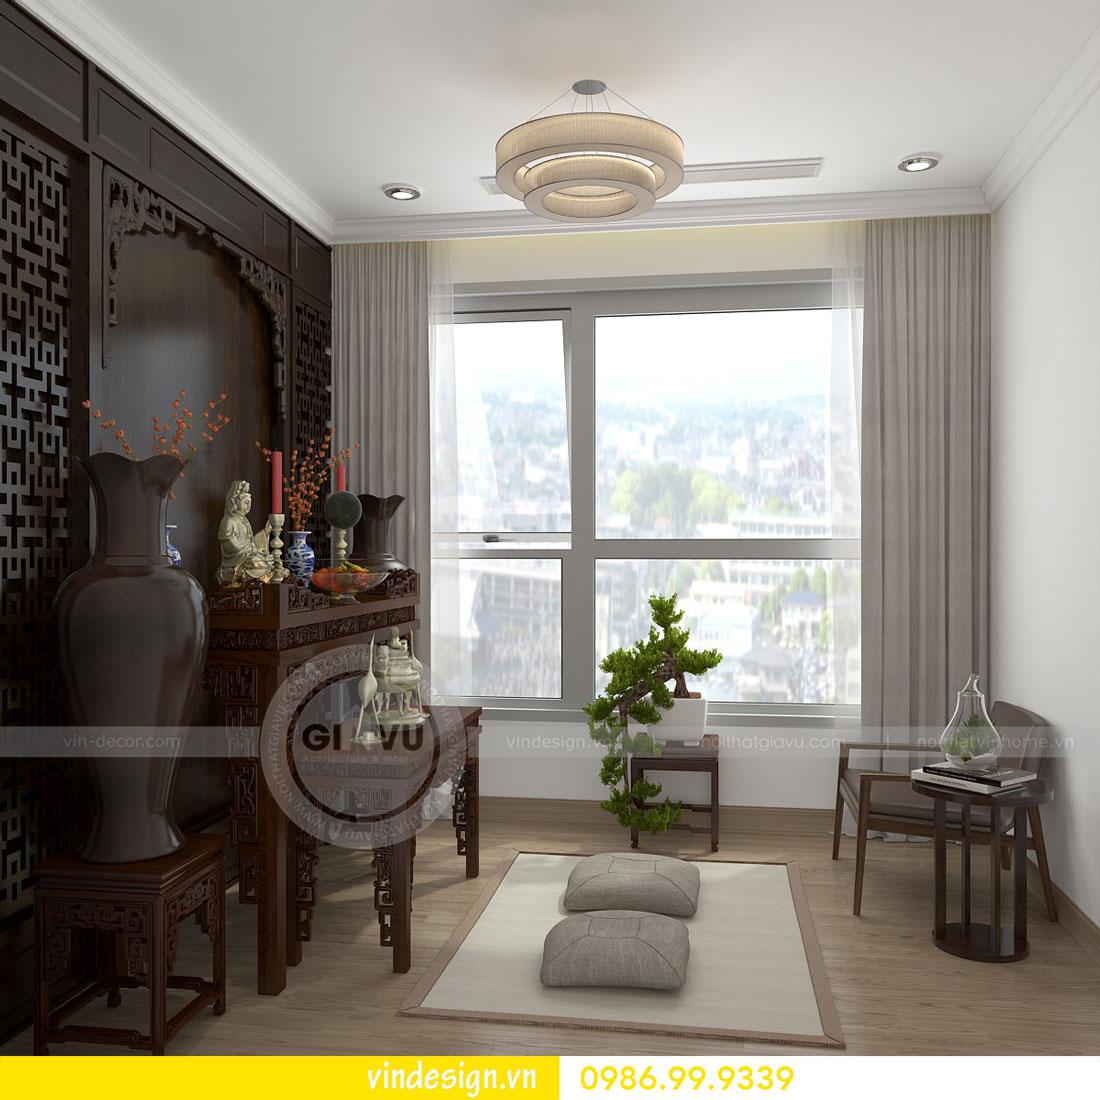 mẫu thiết kế nội thất metropolis căn 4 phòng ngủ 17